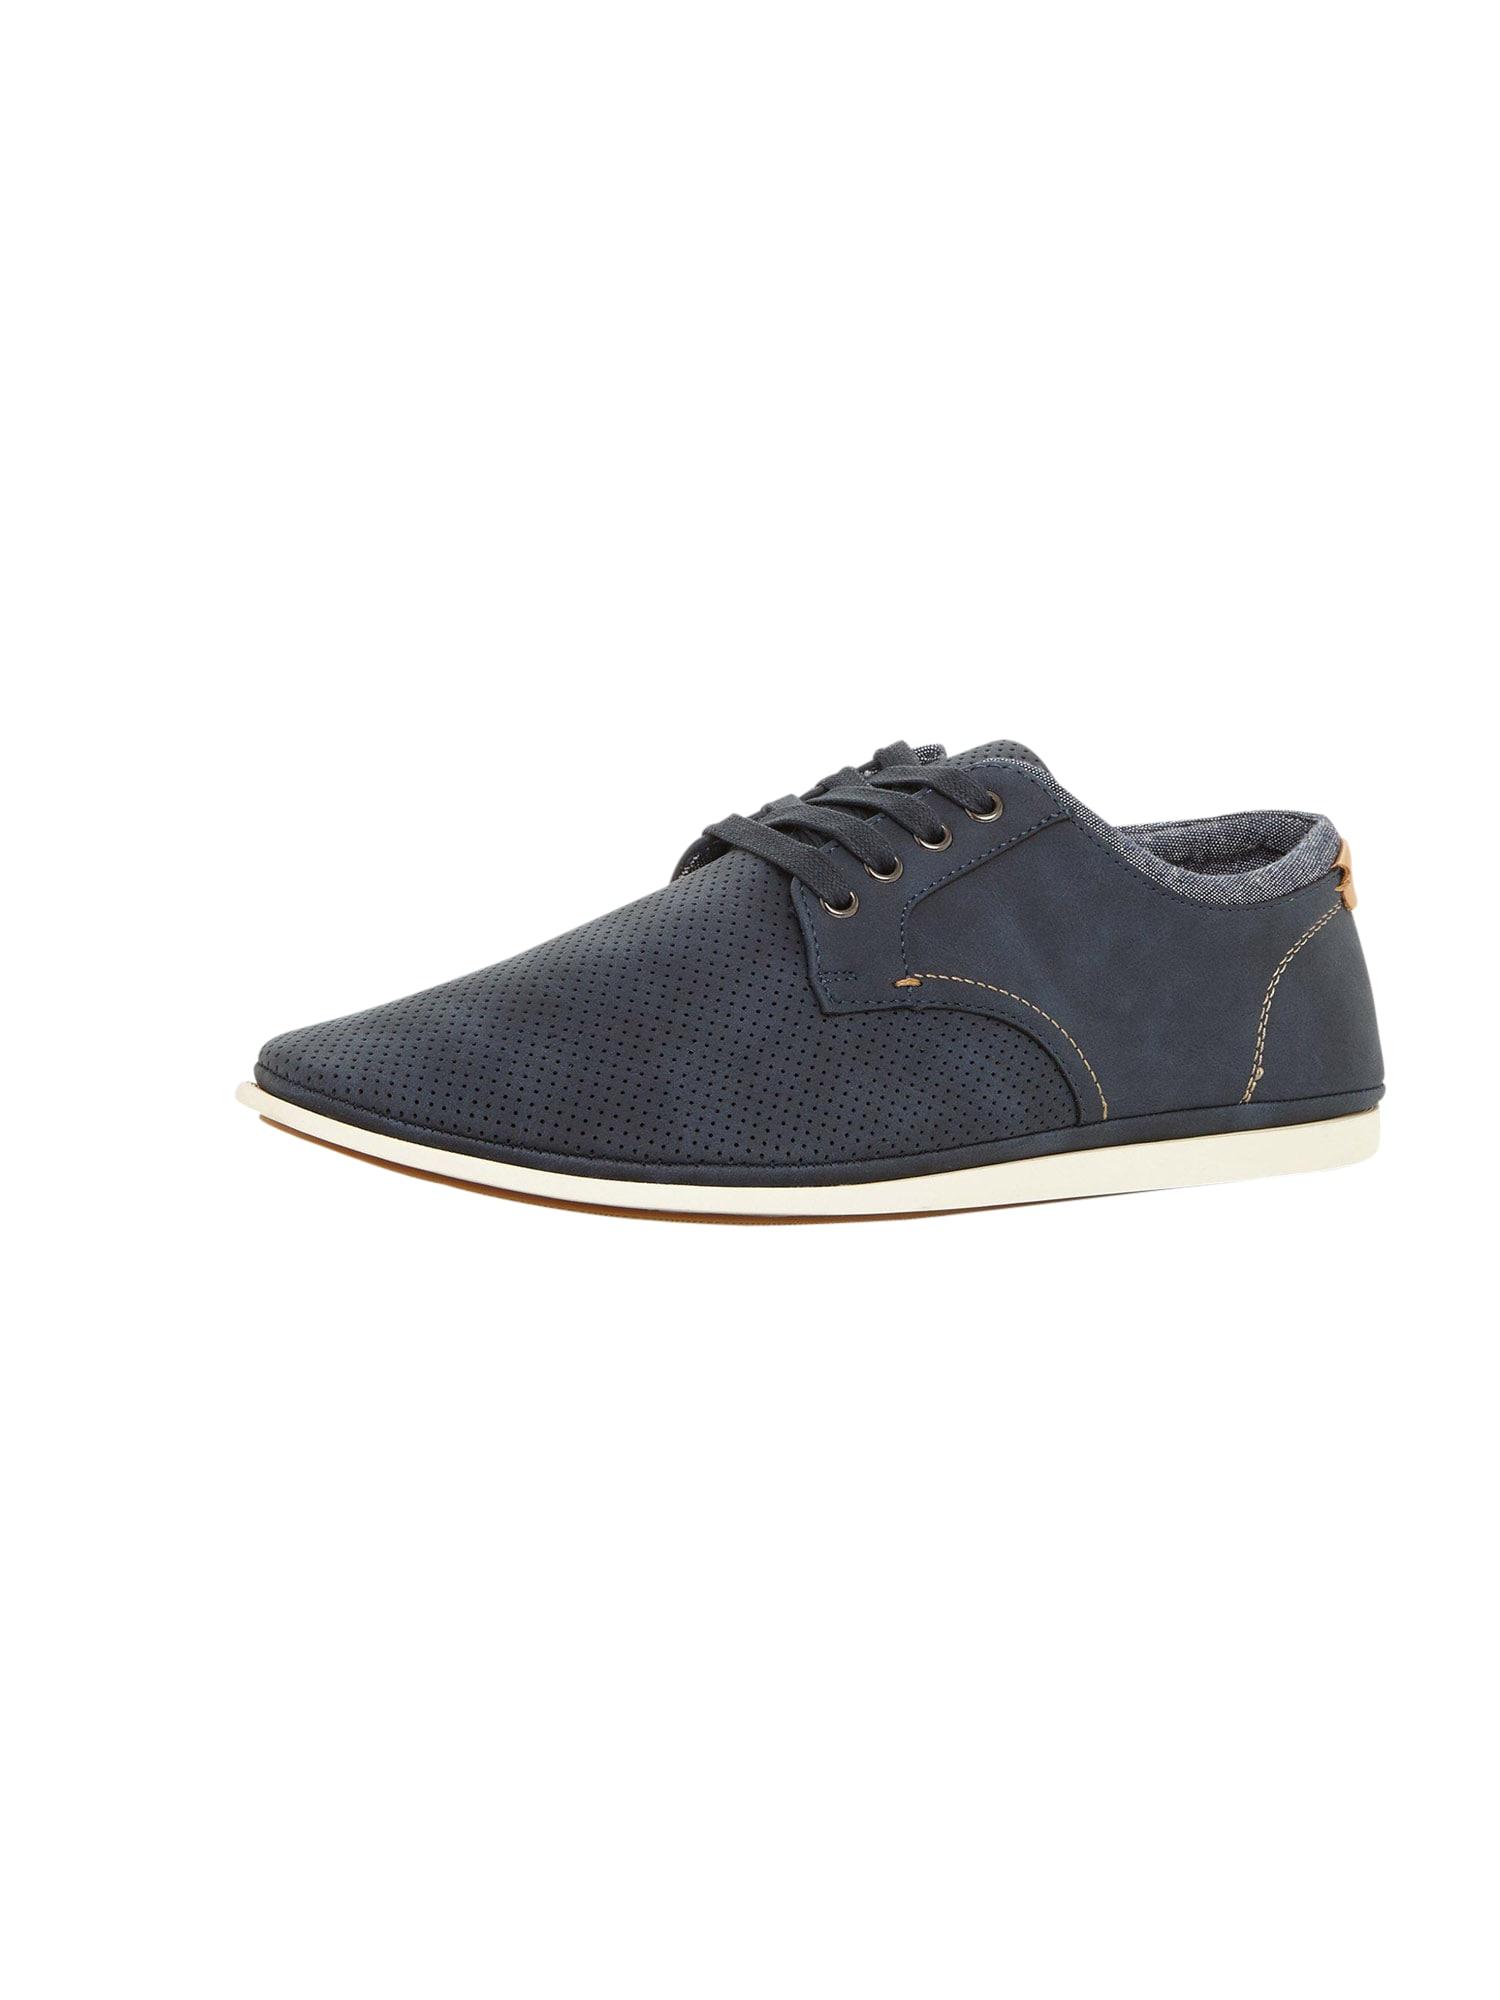 Dune LONDON Sportinio stiliaus batai su raišteliais